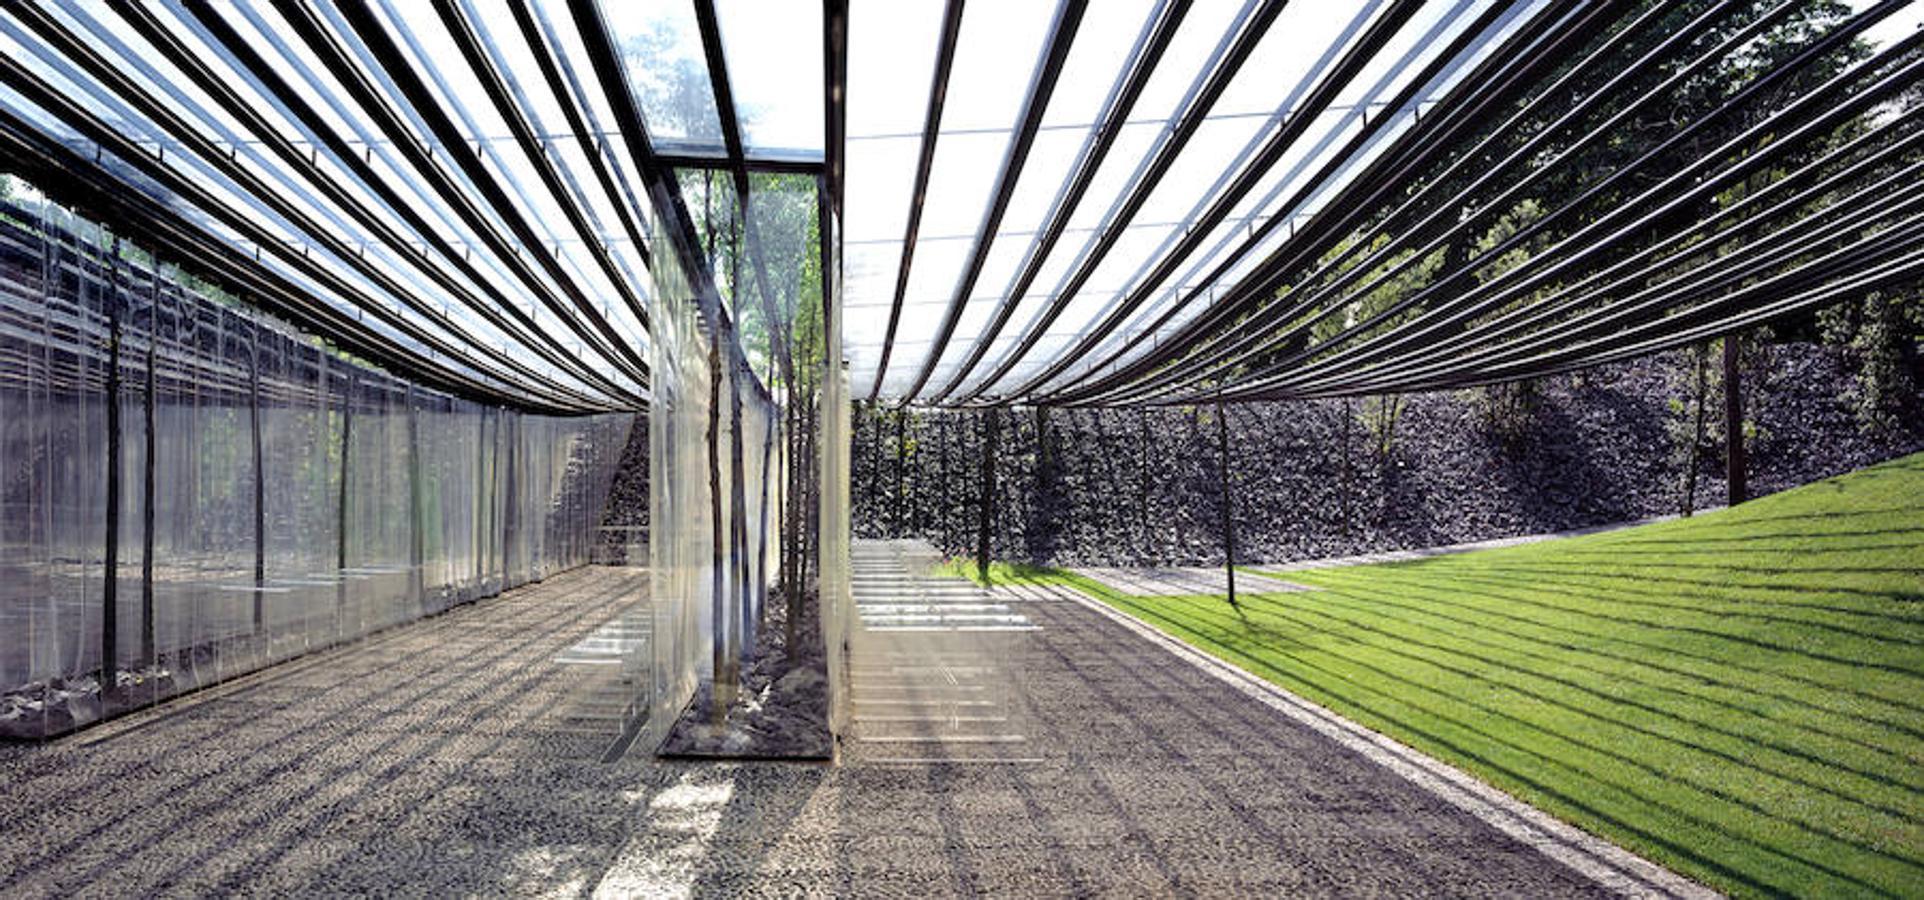 Las obras m s impresionantes del estudio rcr arquitectos for Arquitectos y sus obras